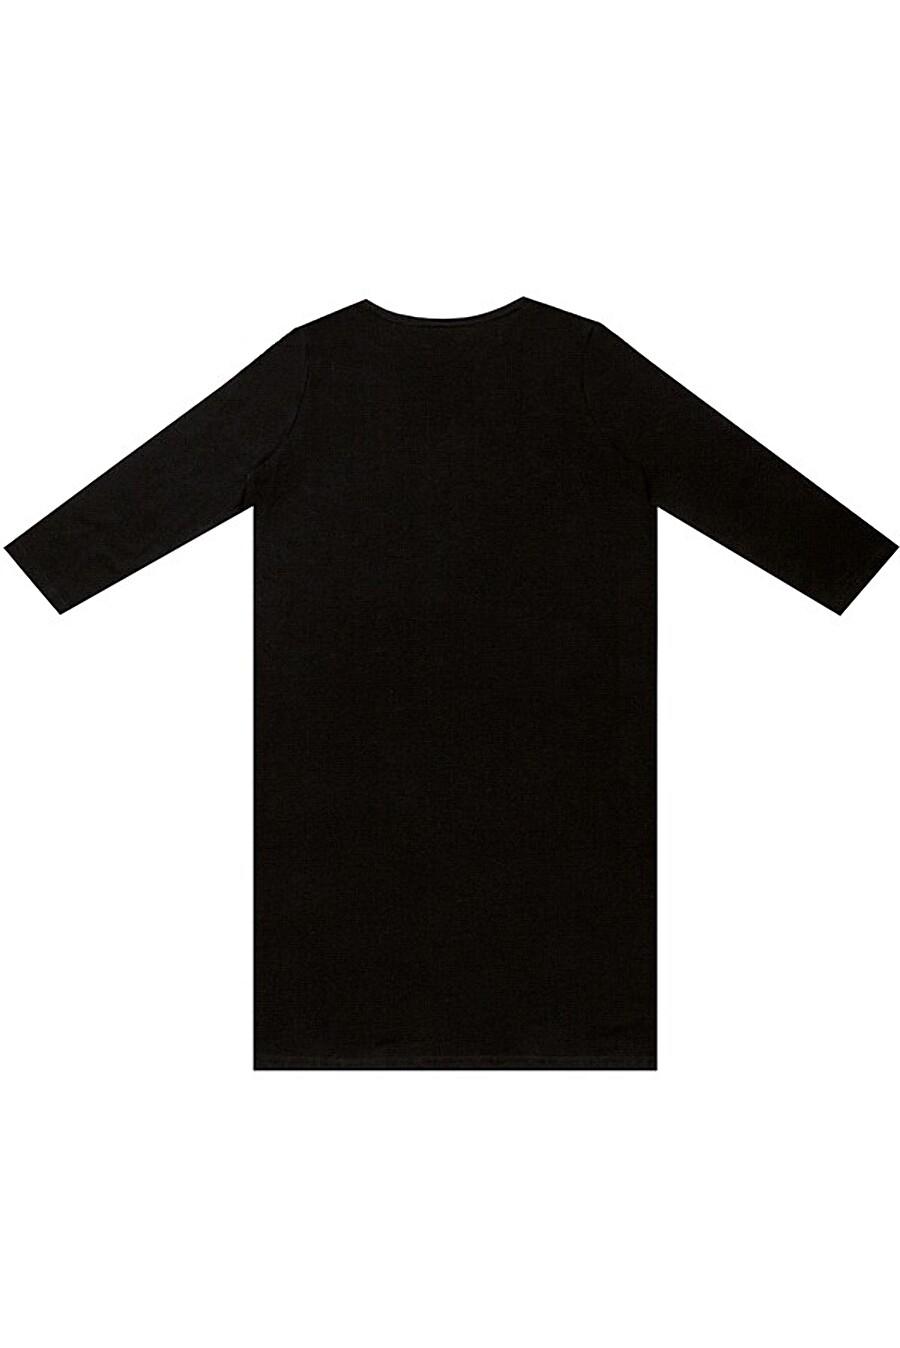 Туника  для женщин АПРЕЛЬ 700656 купить оптом от производителя. Совместная покупка женской одежды в OptMoyo